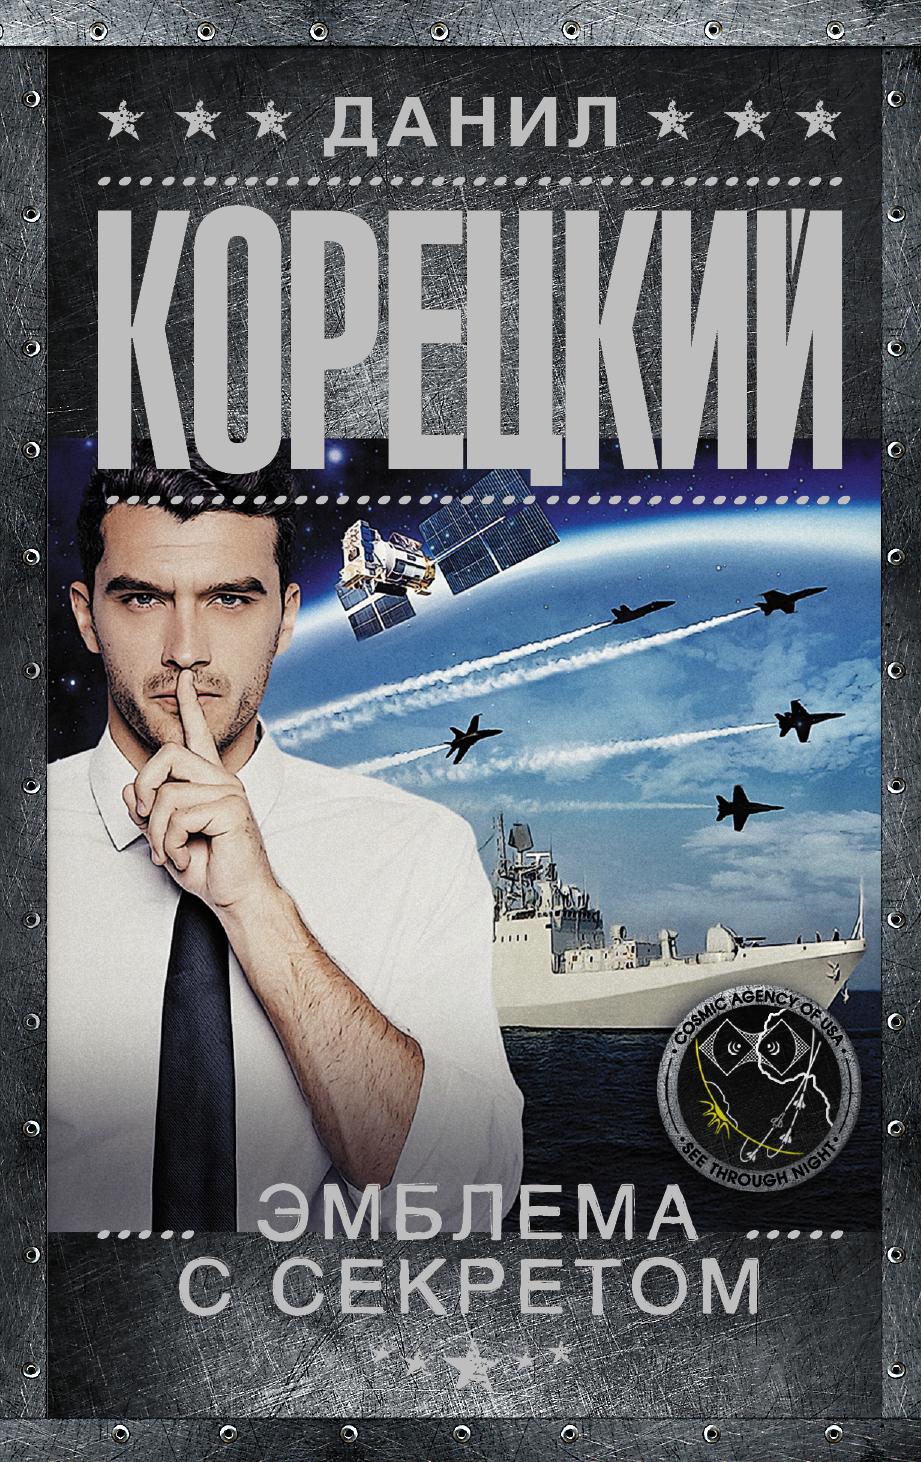 Купить Эмблема с секретом (Похититель секретов-3), Данил Корецкий, 978-5-17-094571-9